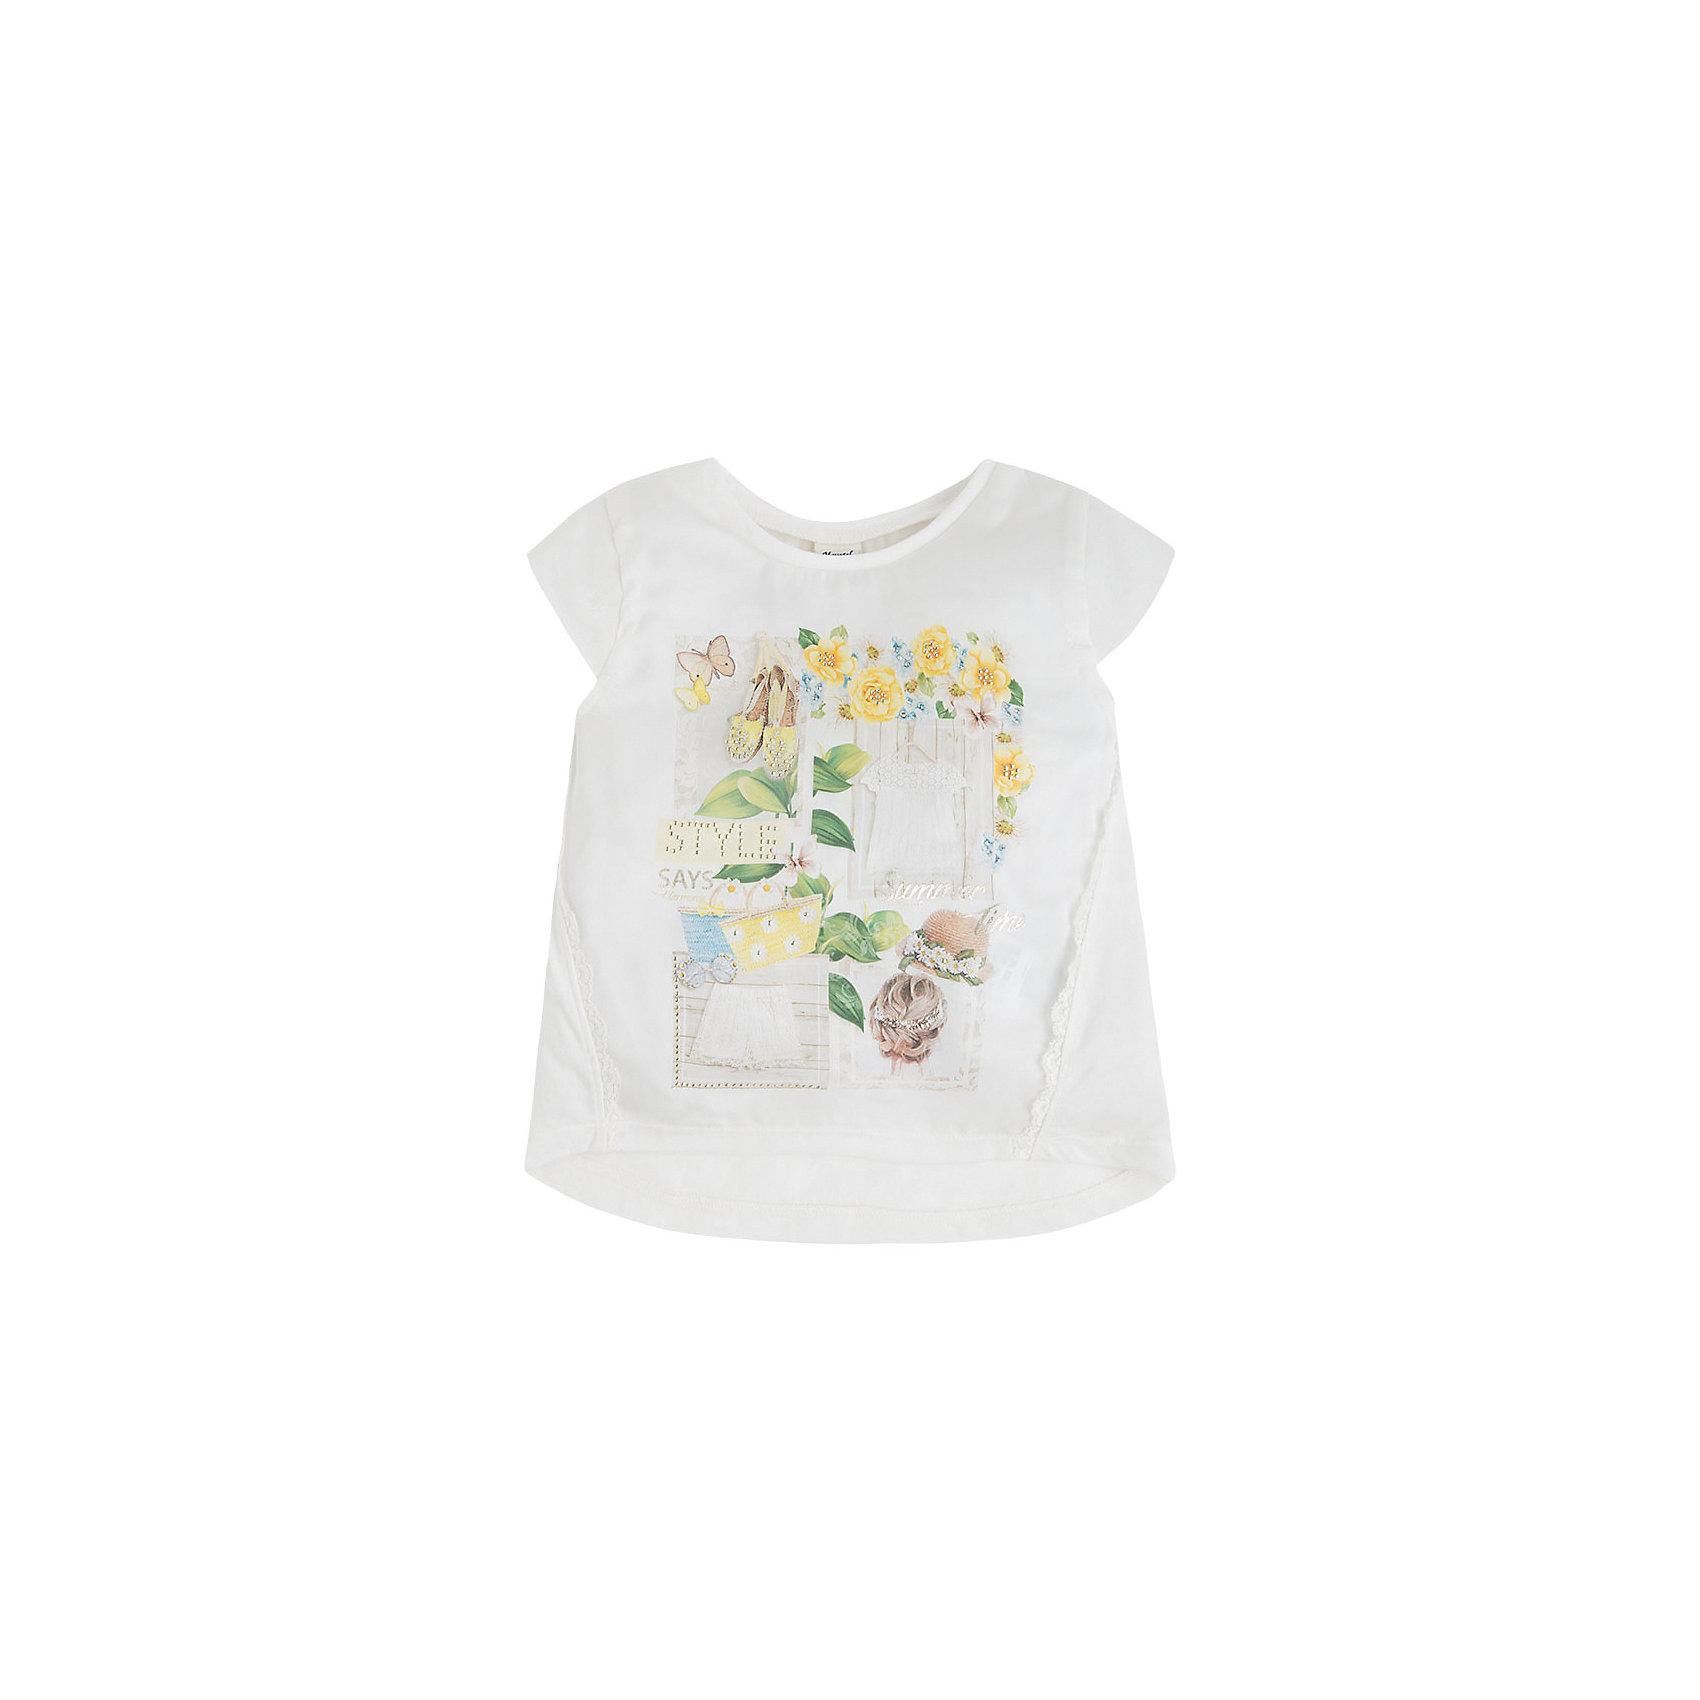 Футболка для девочки MayoralФутболка для девочки от известной испанской марки Mayoral <br><br>Оригинальная футболка от Mayoral - отличный вариант летней одежды для девочек! Выглядит нарядно и стильно. Модель выполнена из качественных материалов, отлично садится по фигуре.<br><br>Особенности модели:<br><br>- цвет: белый;<br>- рукава короткие;<br>- украшена принтом, стразами и кружевом;<br>- удлиненная спинка.<br><br>Дополнительная информация:<br><br>Состав: 60% полиэстер, 40% модал<br><br>Футболку для девочки Mayoral (Майорал) можно купить в нашем магазине.<br><br>Ширина мм: 199<br>Глубина мм: 10<br>Высота мм: 161<br>Вес г: 151<br>Цвет: желтый<br>Возраст от месяцев: 60<br>Возраст до месяцев: 72<br>Пол: Женский<br>Возраст: Детский<br>Размер: 116,98,134,122,128,110,104<br>SKU: 4541493